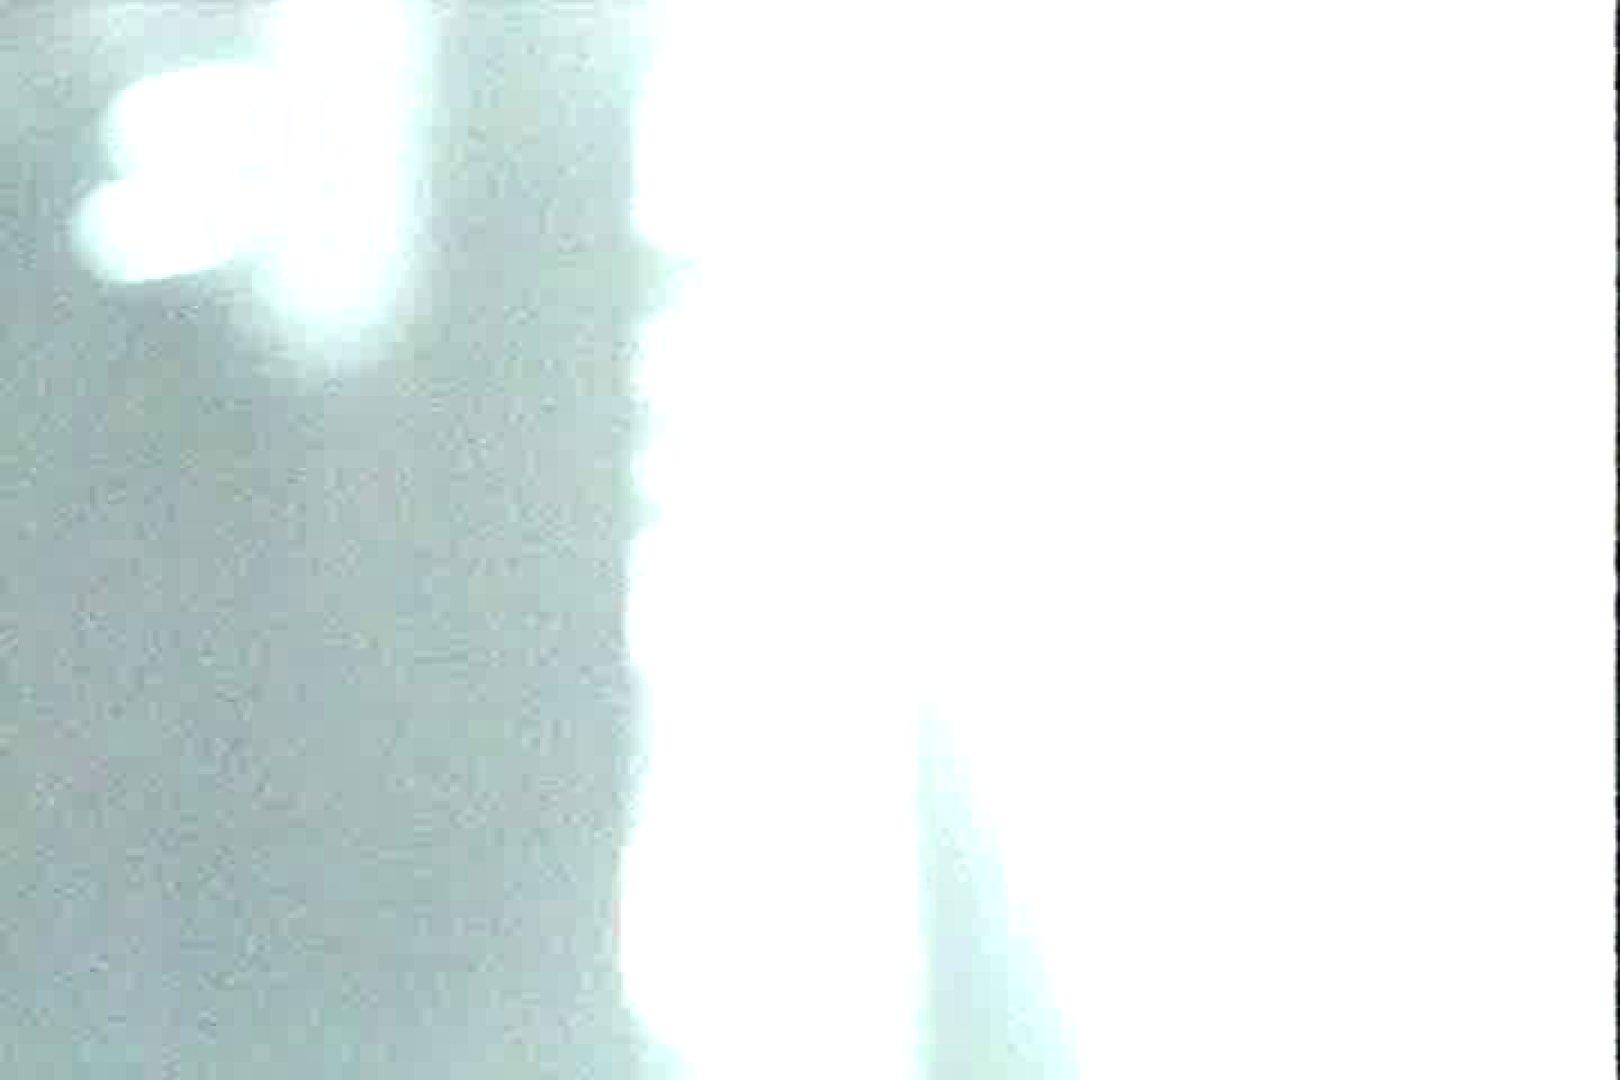 充血監督の深夜の運動会Vol.39 カップル | 美しいOLの裸体  89pic 31